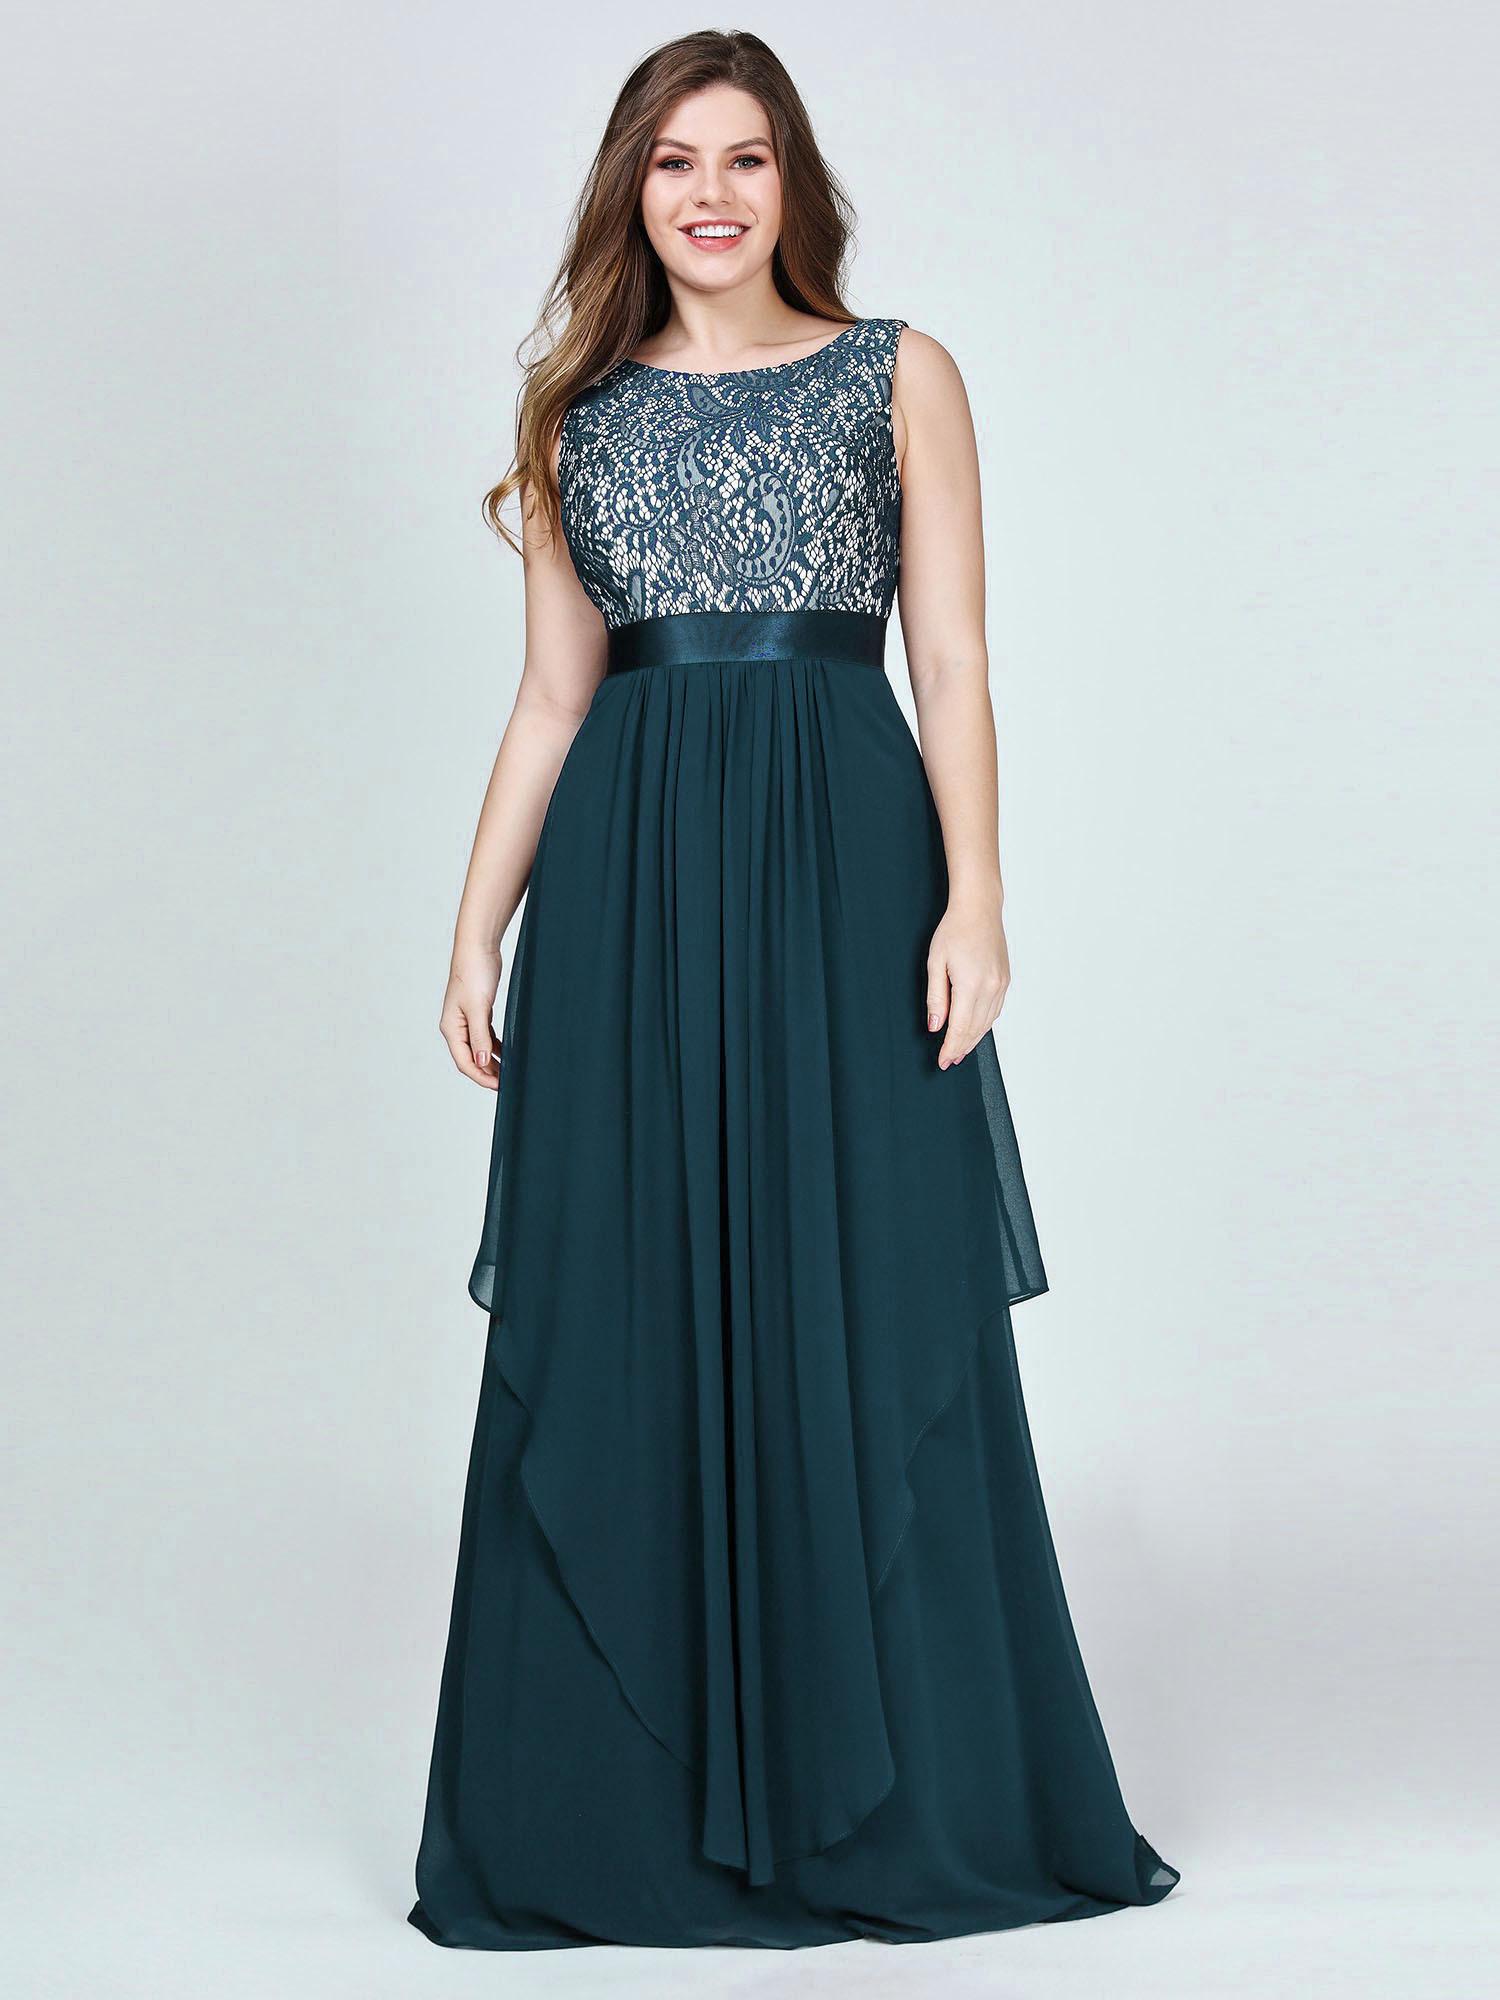 Schön Damen Abendbekleidung Stylish20 Luxus Damen Abendbekleidung Bester Preis